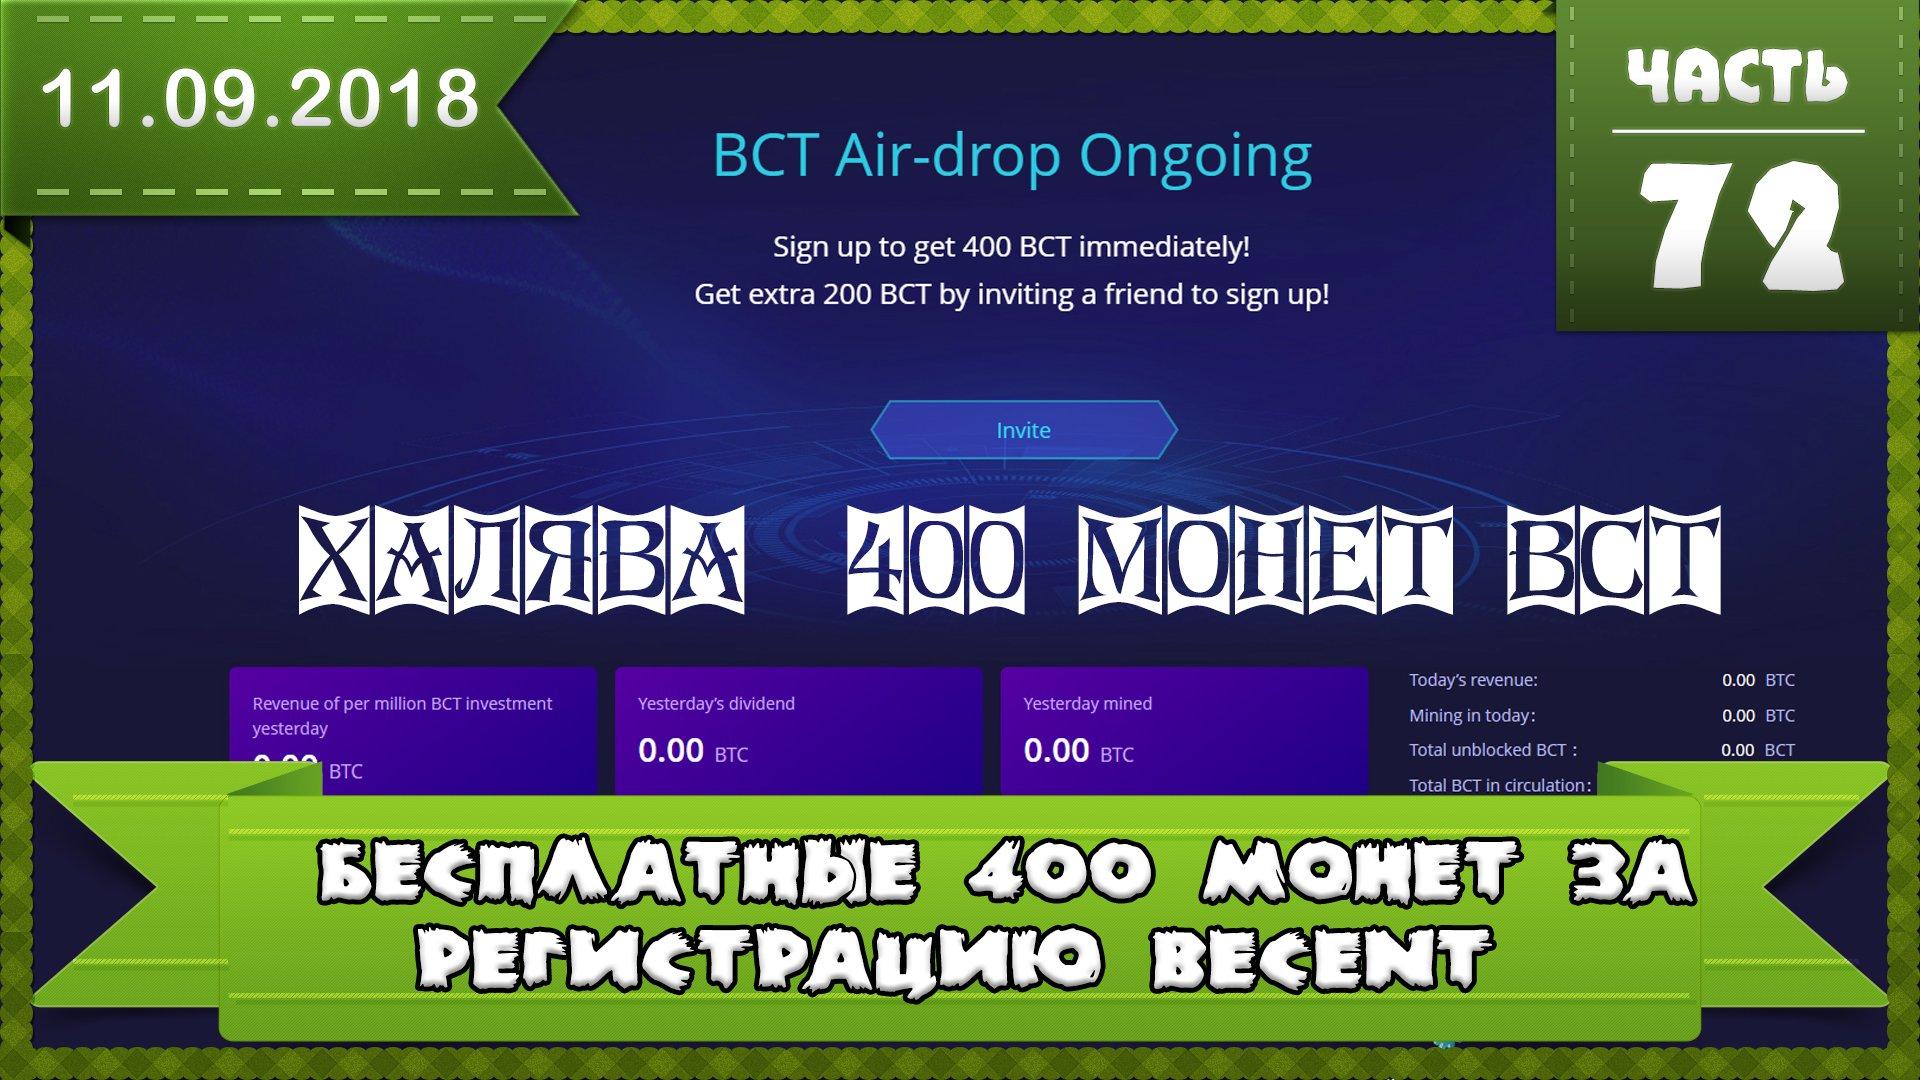 Бесценные халявные 400 криптомонеты Becent (BCT) на бирже, а вдруг стрельнет??